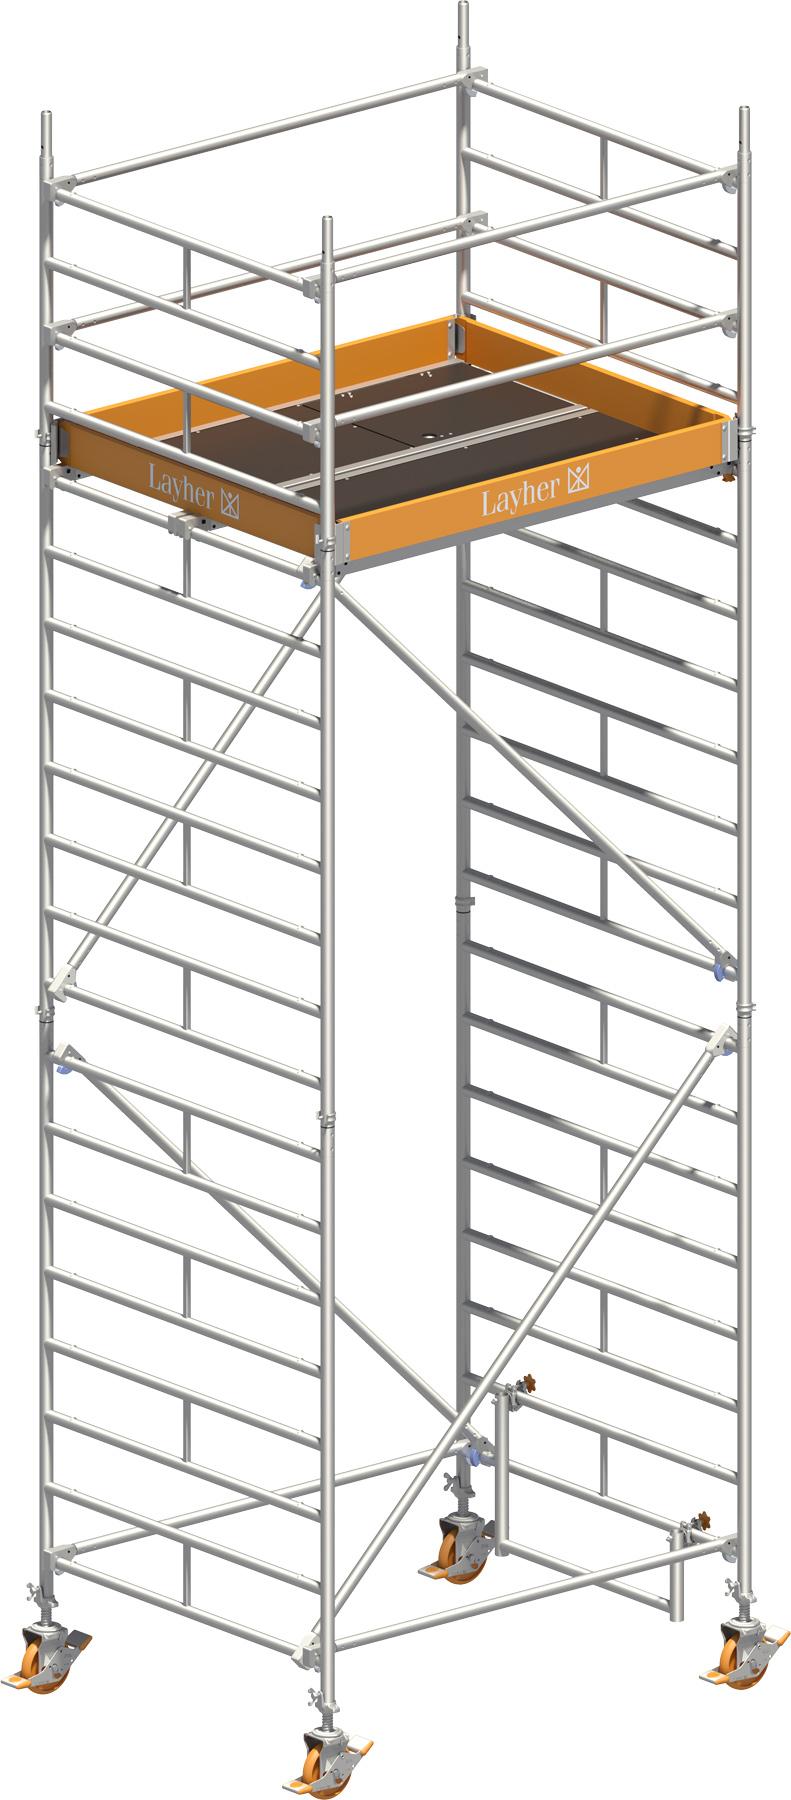 Fahrgerüst Layher Uni Kompakt 5004 mit Geländer-Optimierung